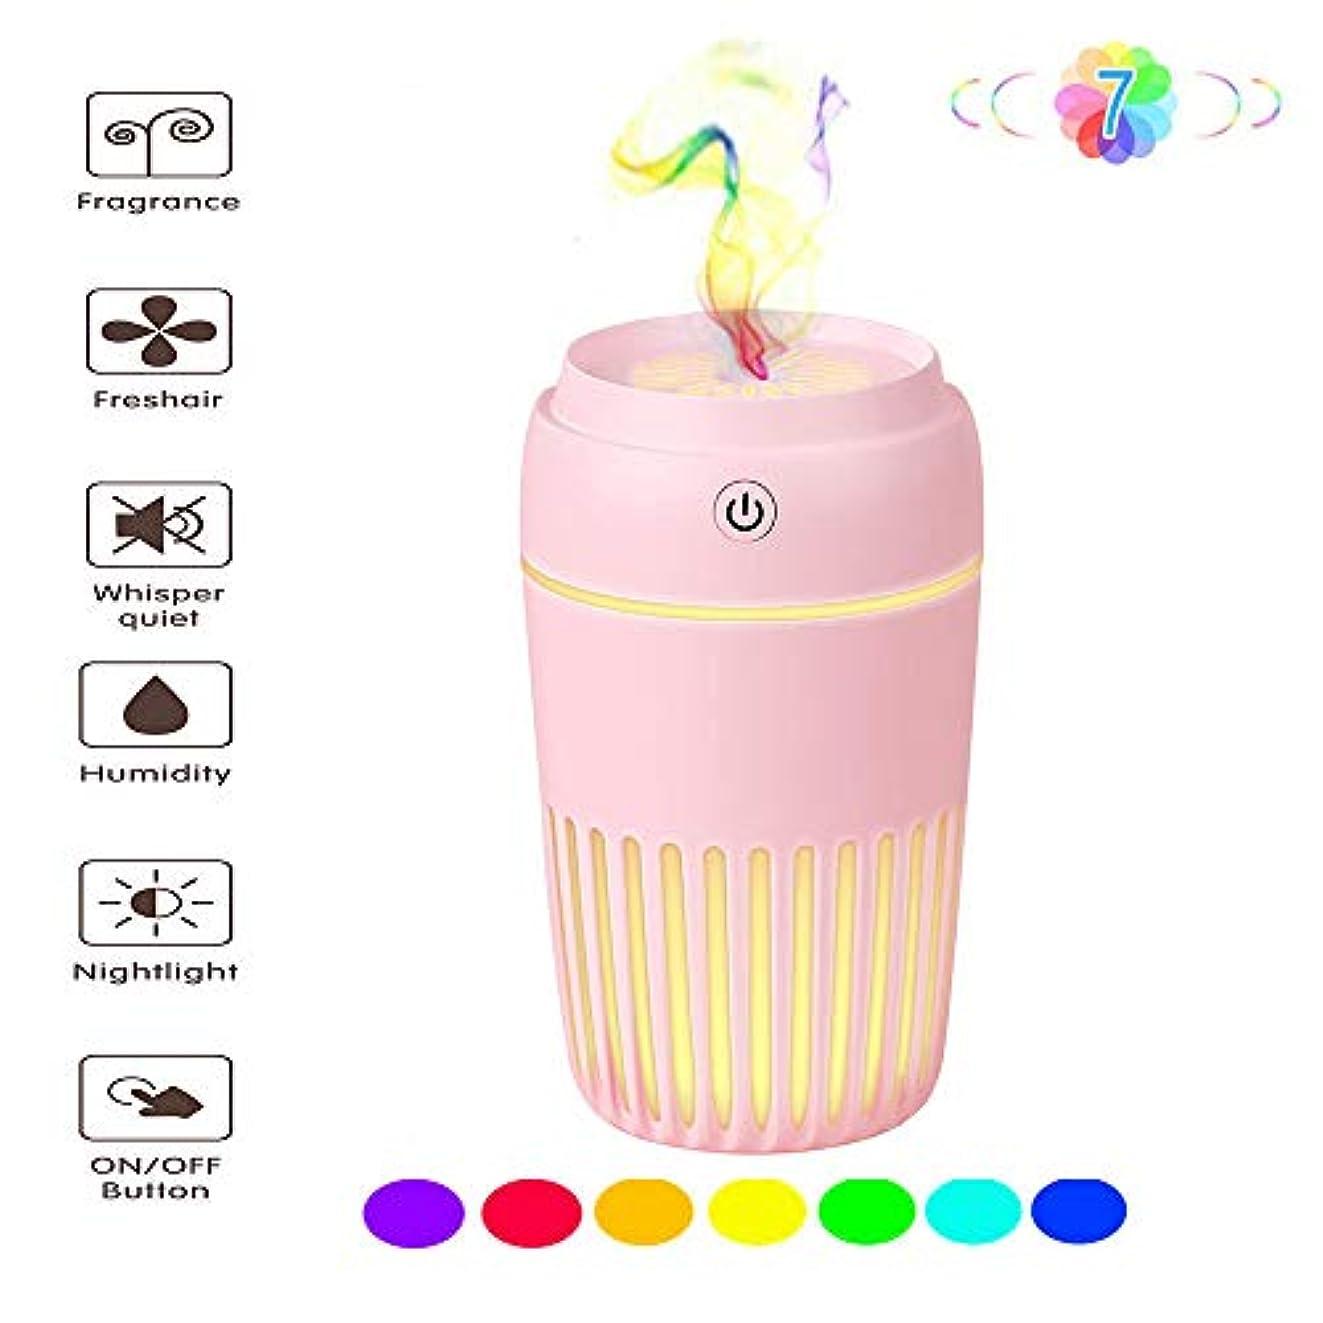 蘇生する例示するアイスクリームアロマセラピーエッセンシャルオイルディフューザー、300ミリリットルささやきの静かなポータブルUSB超音波コールドミスト加湿器 - 自動シャットダウンと7魅力的なLEDナイトライト,Pink